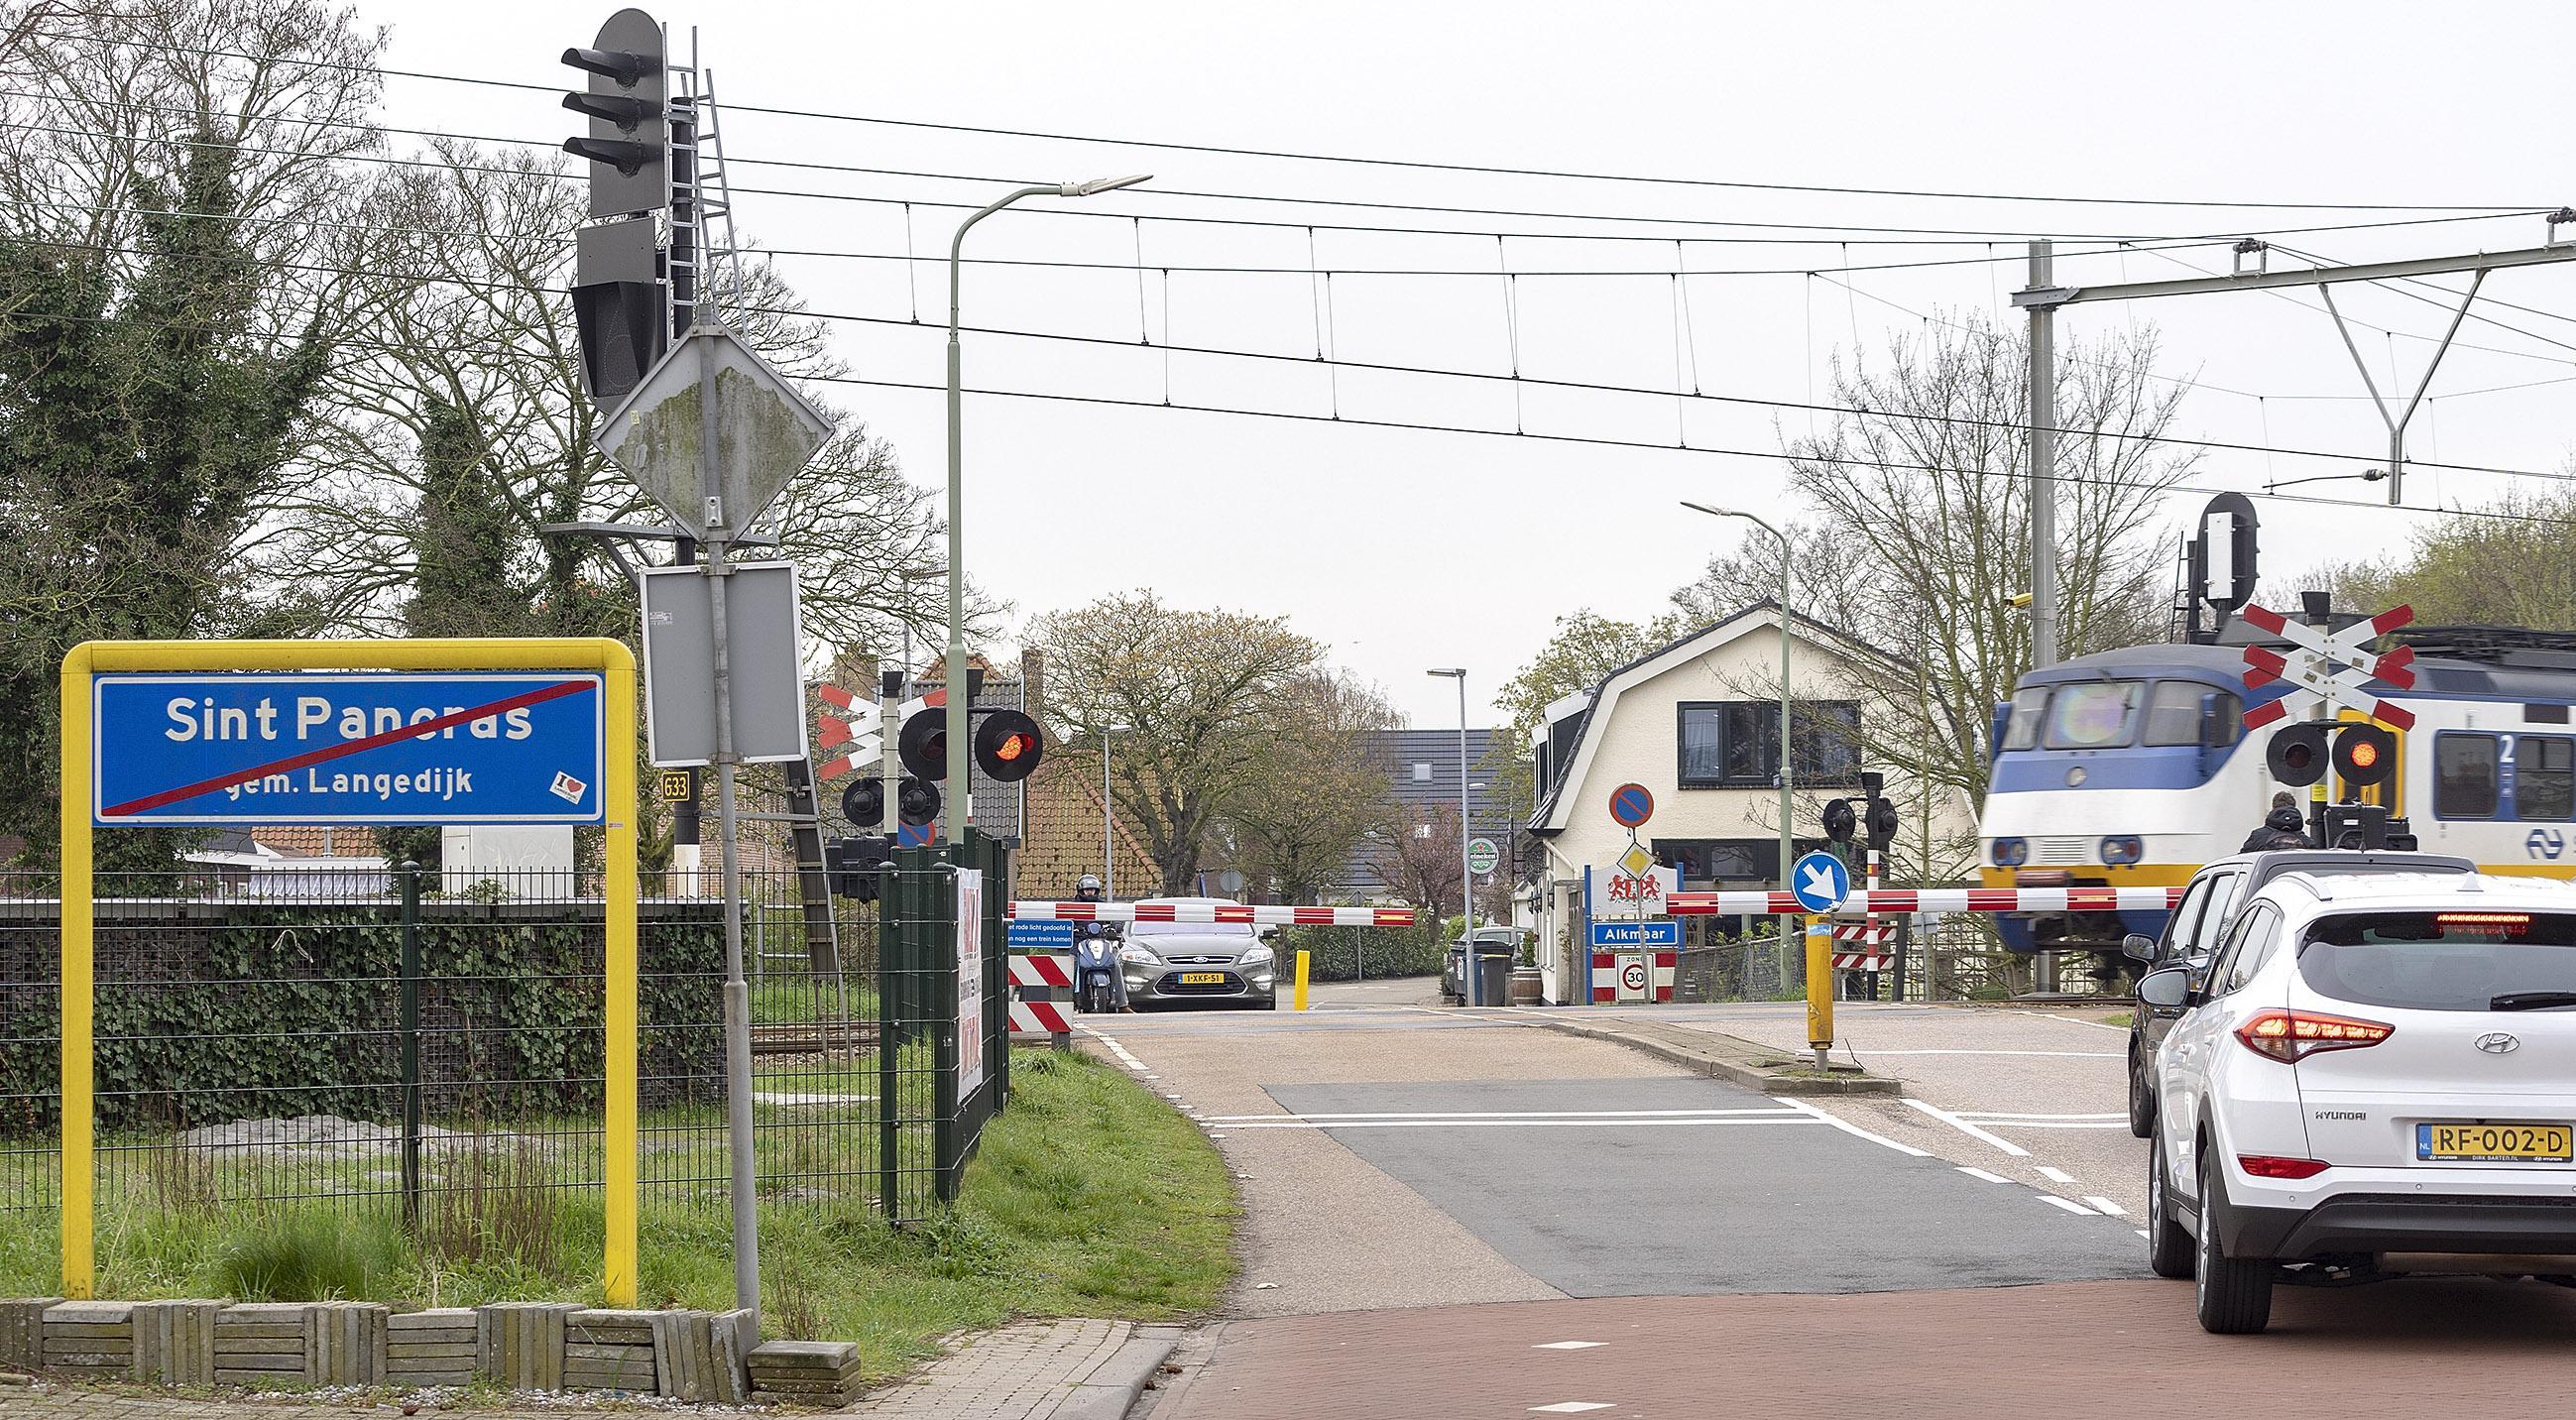 Commentaar: Politiek in Langedijk en Heerhugowaard zeggen bij fusieplan potsierlijk oog en oor te hebben voor Sint Pancras en Koedijk, nu het vijf voor twaalf is